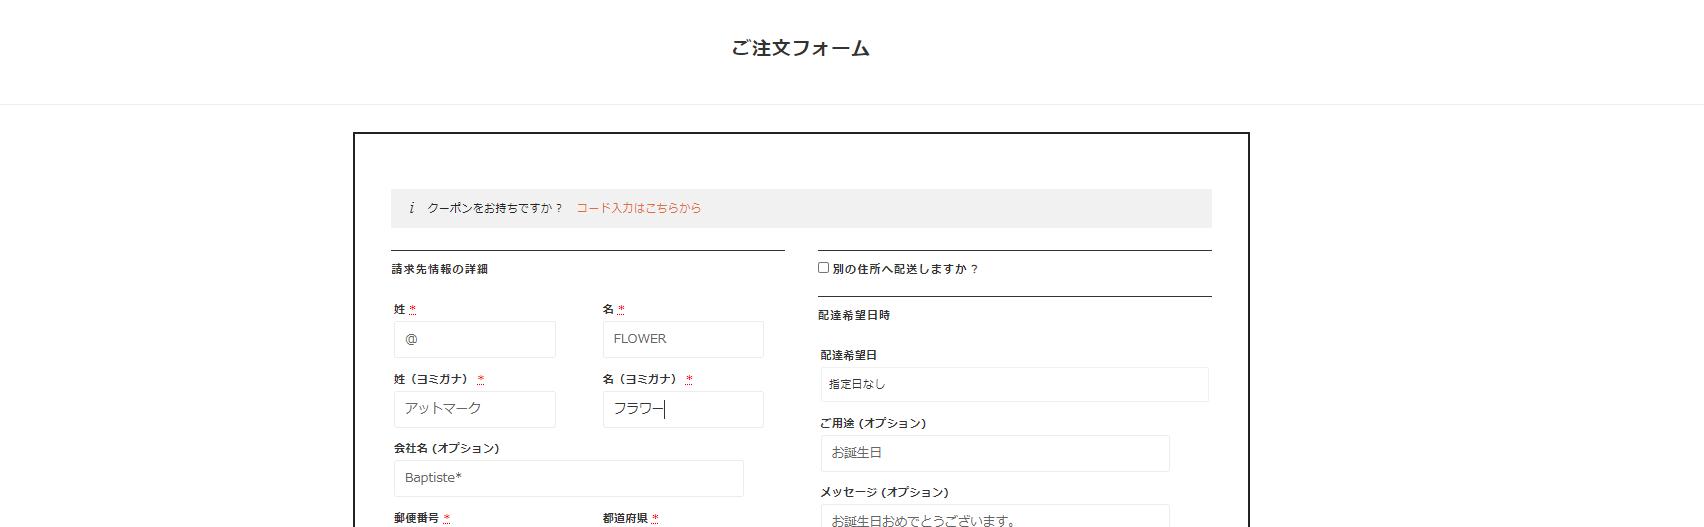 注文フォームのアイキャッチ画像